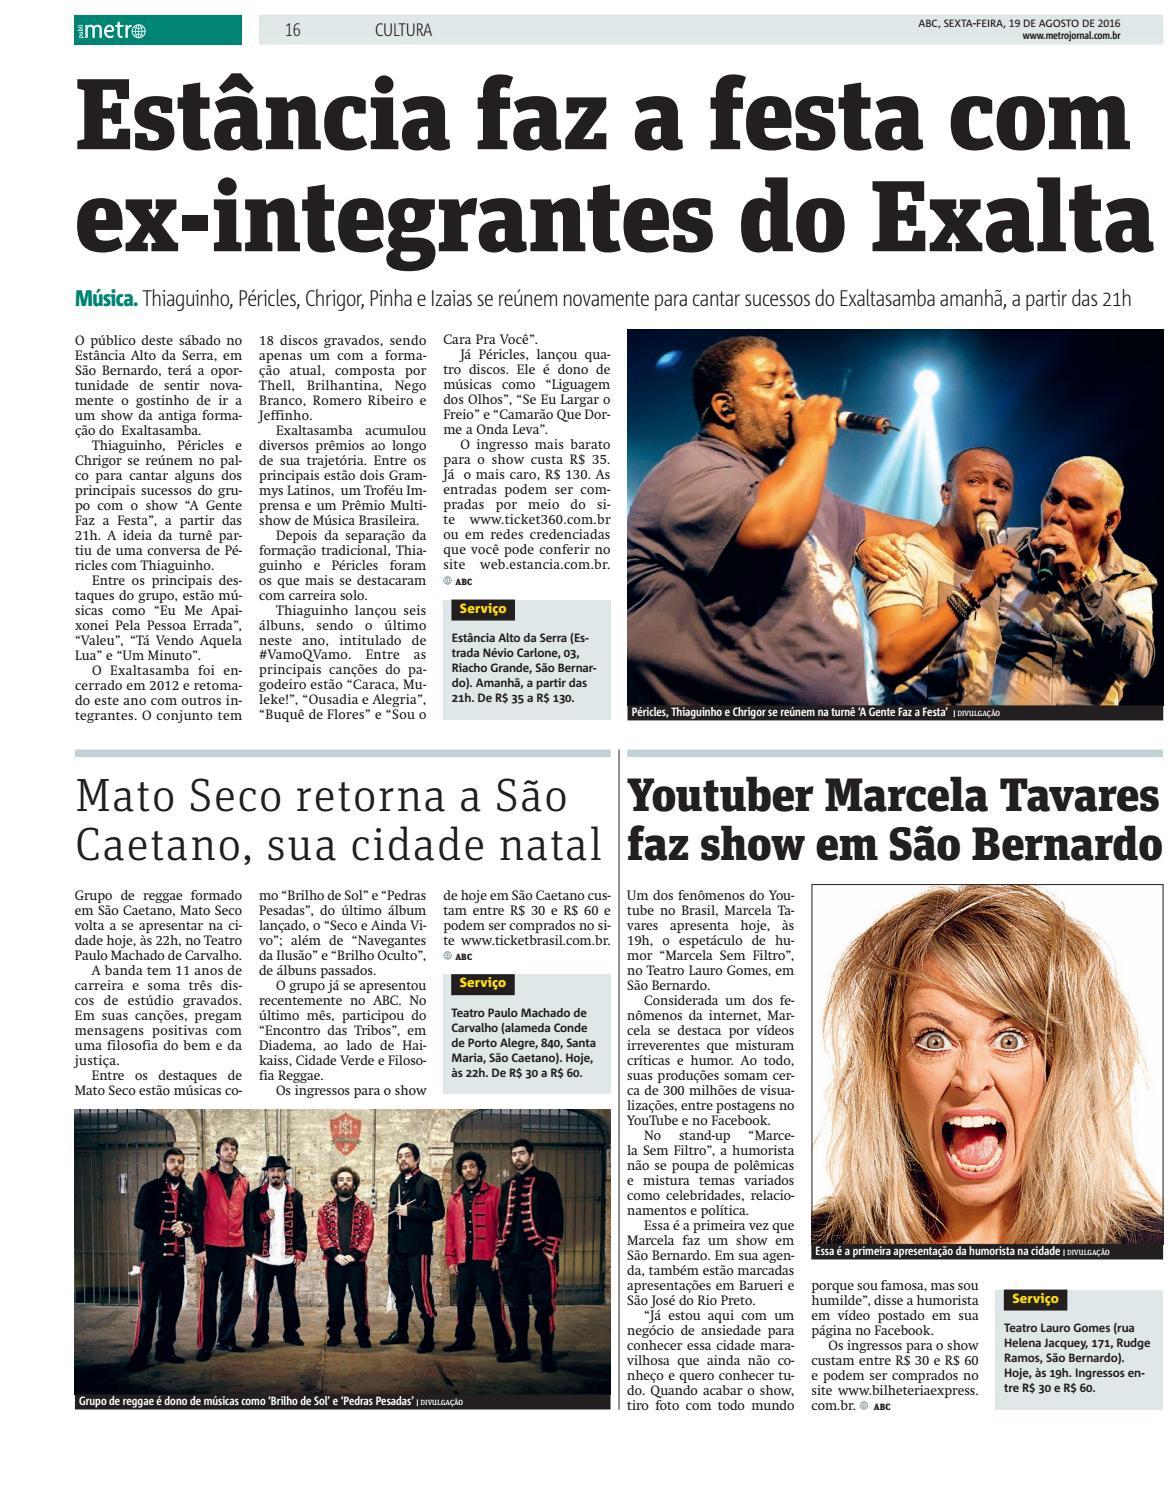 ME EXALTASAMBA ERRADA PESSOA DO BAIXAR PELA MUSICA APAIXONEI